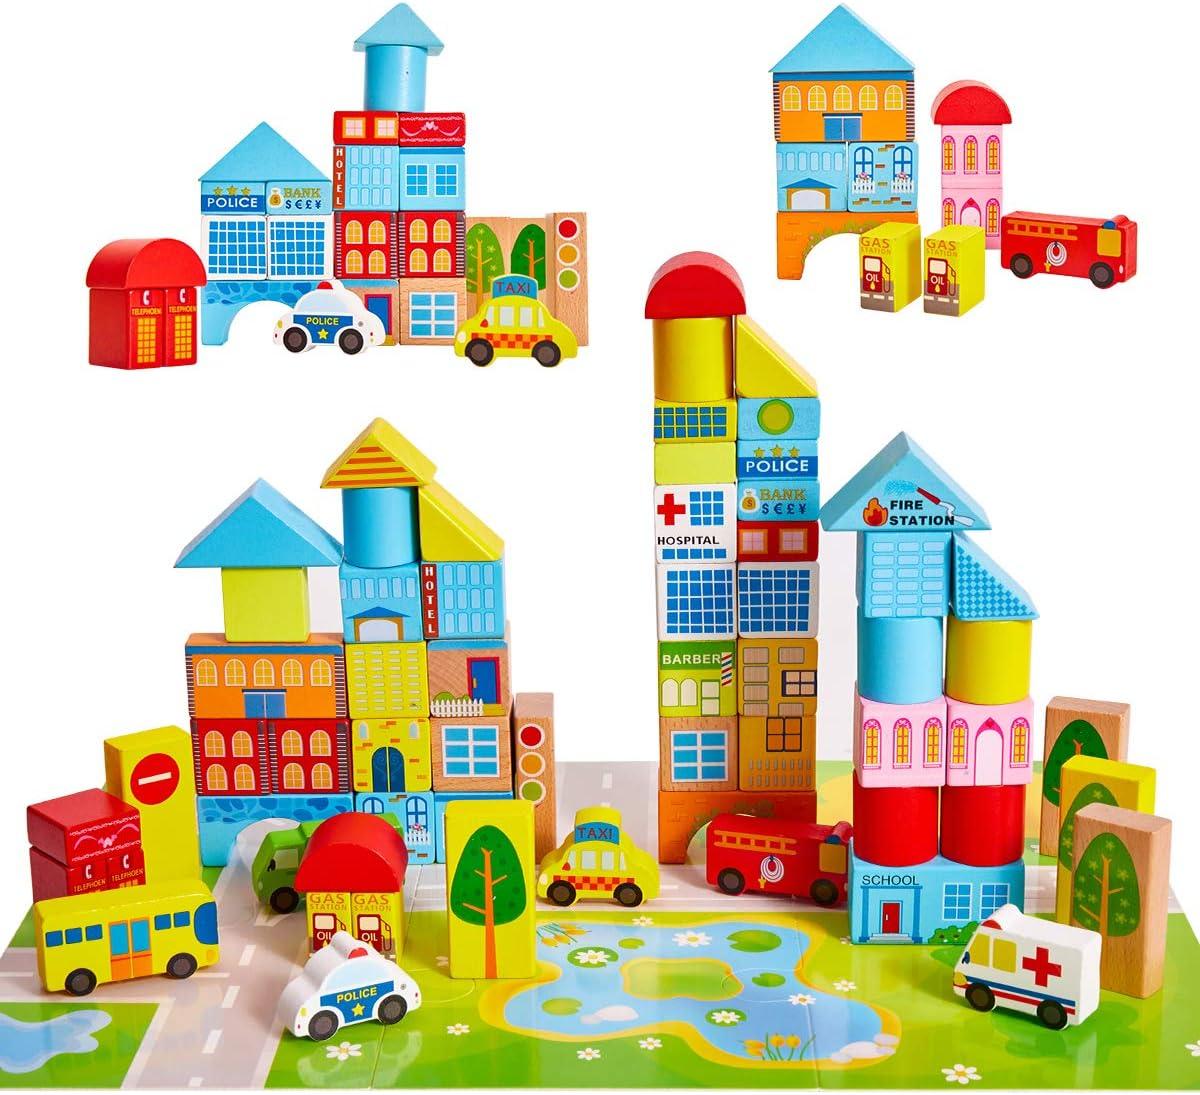 Onshine Juguetes de Madera Bloques Construccion con Coche Puzzle Juego Educativo para 3 Años Niños Bebe Infantiles